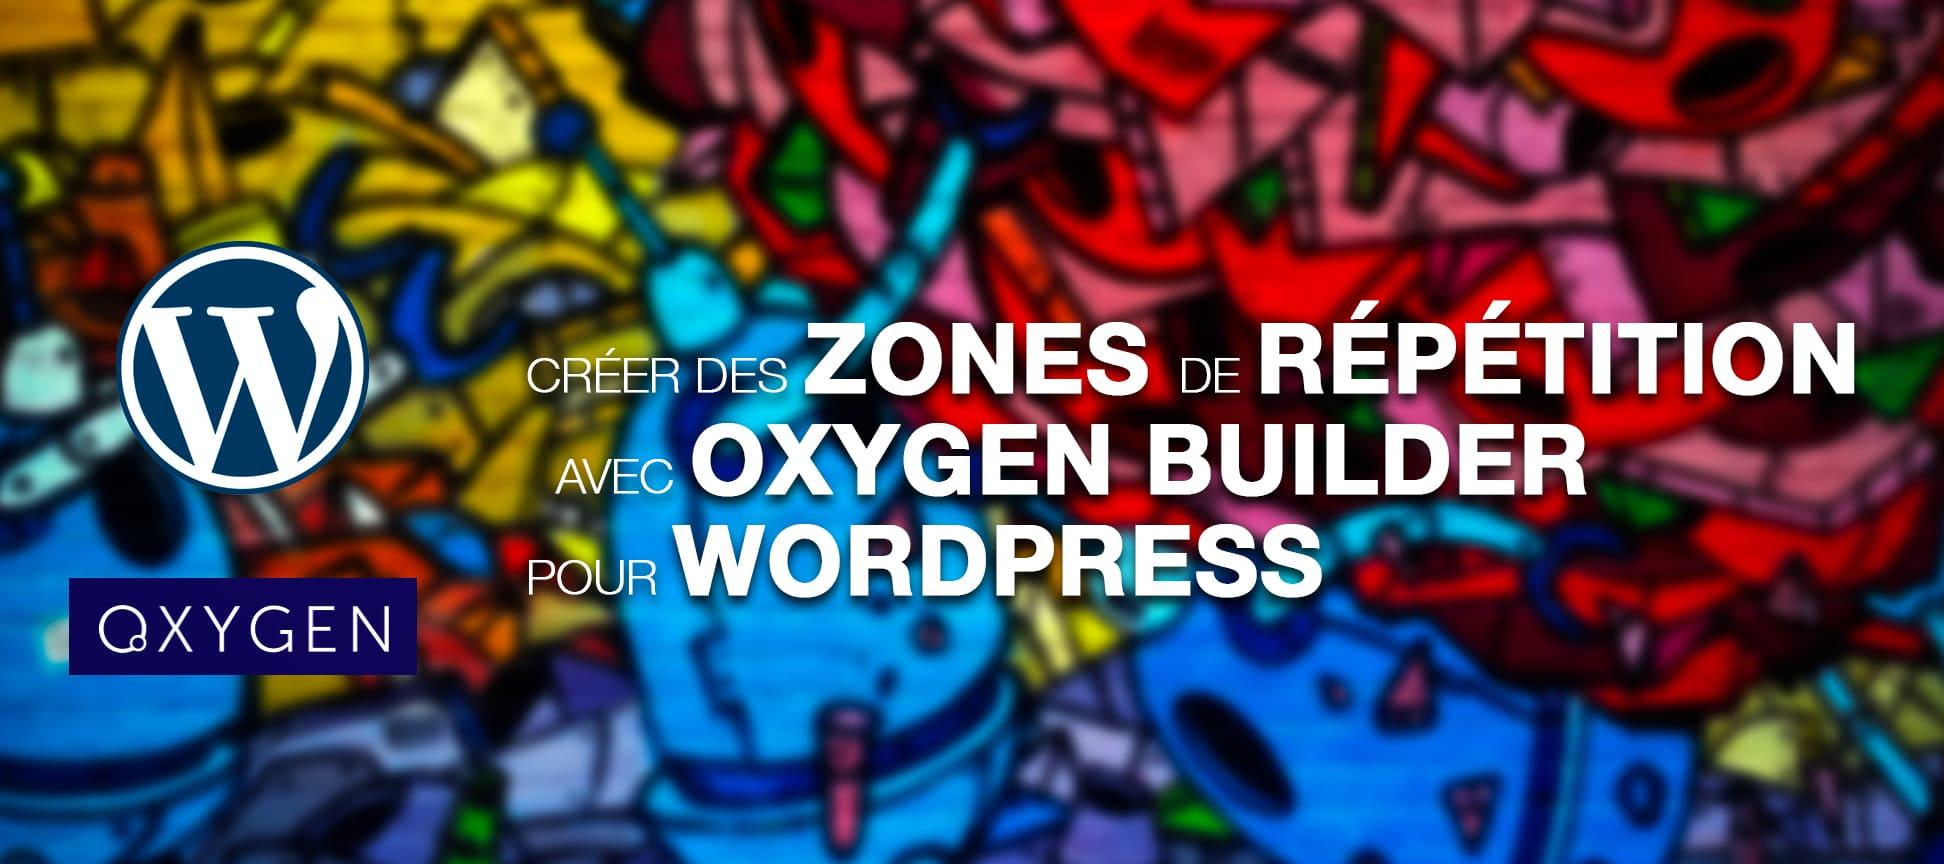 Créer des zones de répétition avec Oxygen Builder Pour WordPress